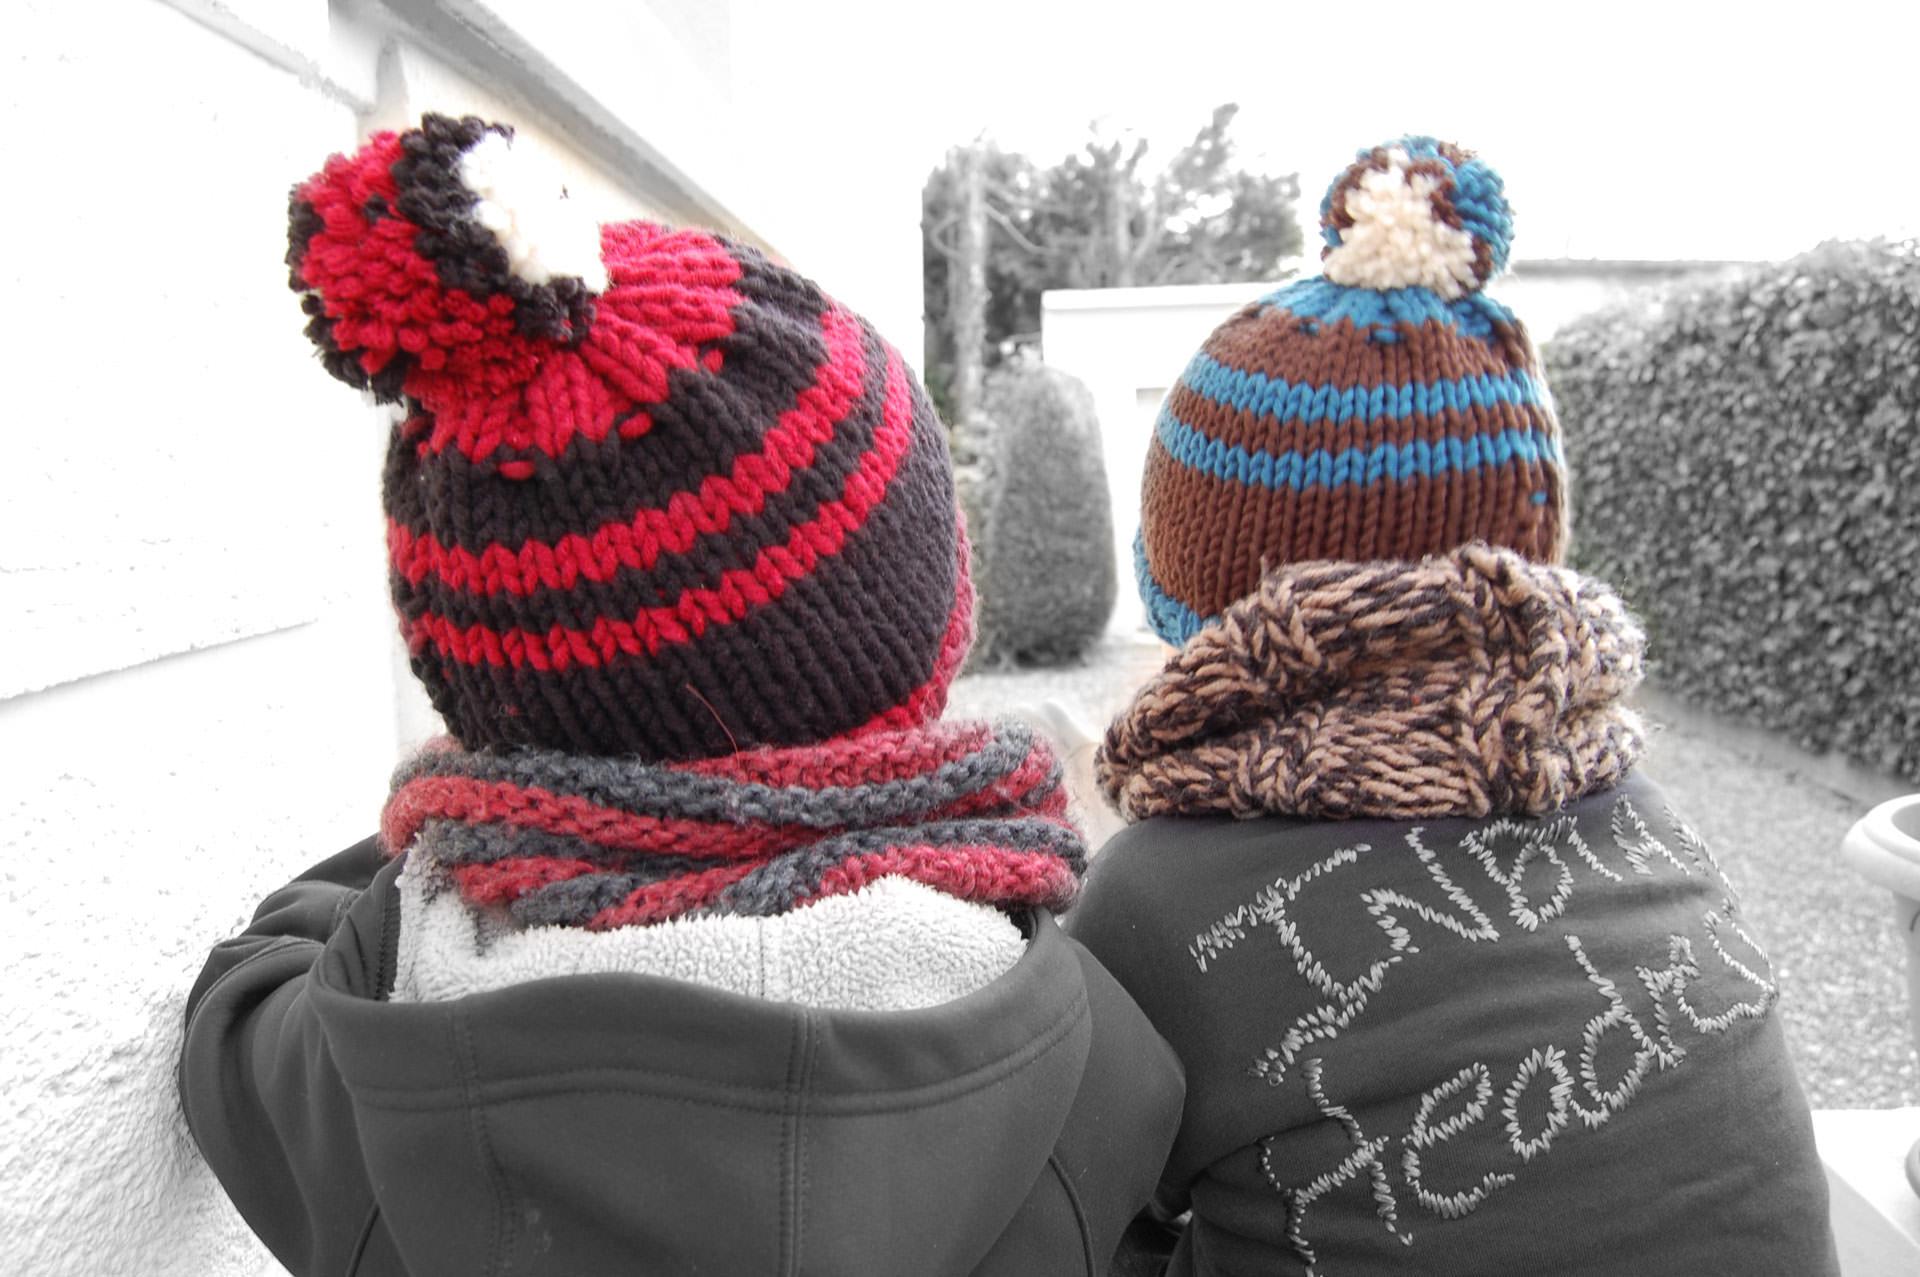 5cb7188e48a7 Modèle bonnet à pompon - MADLAINE   Mad laine